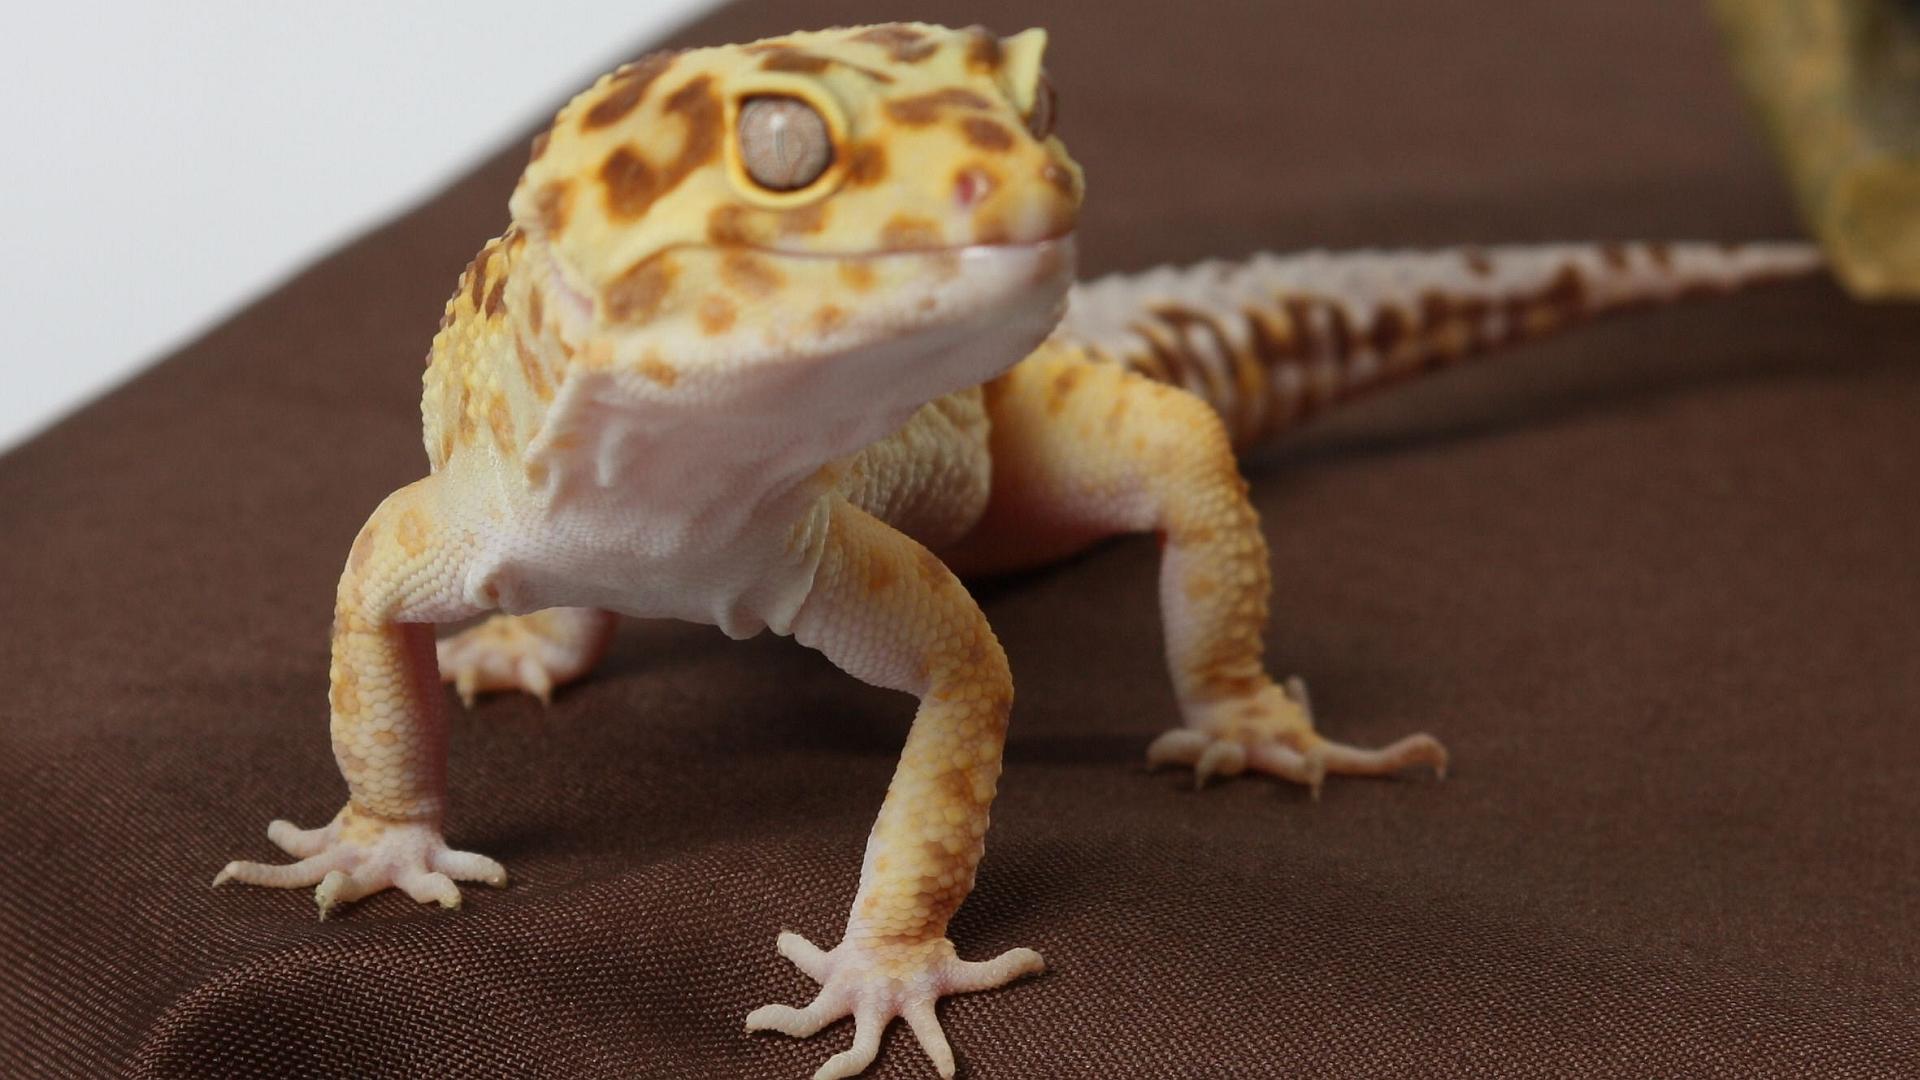 3840x2160 wallpaper lizard gecko - photo #27